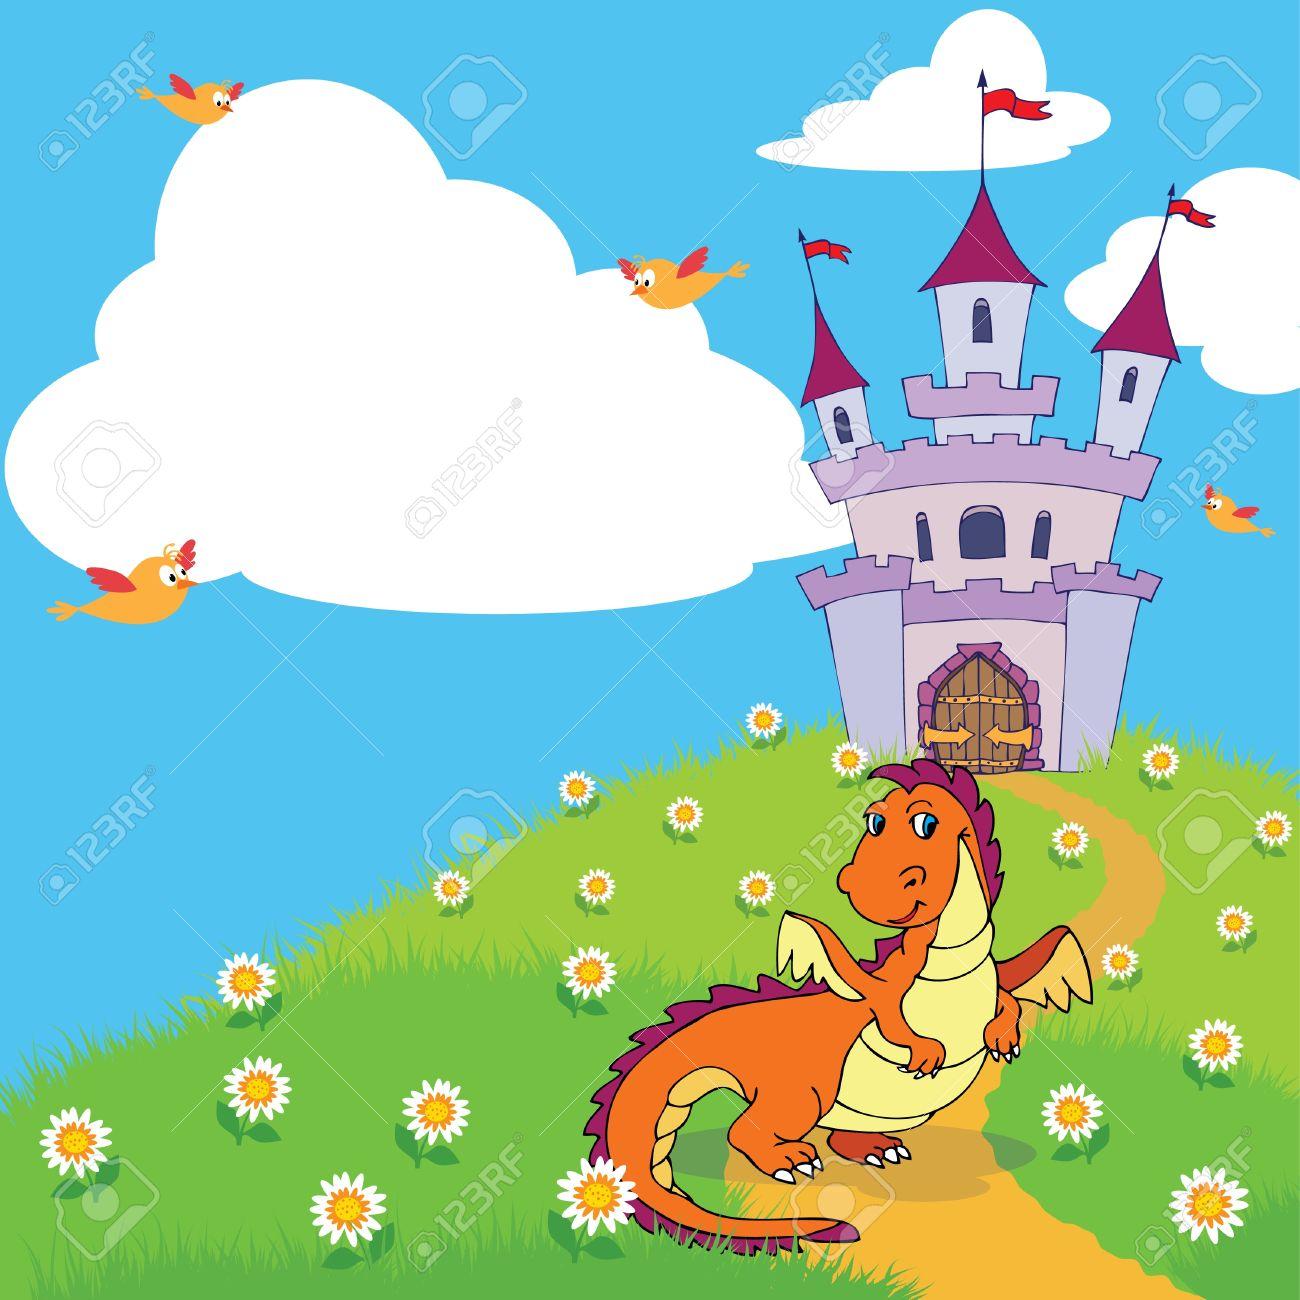 1300x1300 Fairy Tale Clipart Cute Dragon